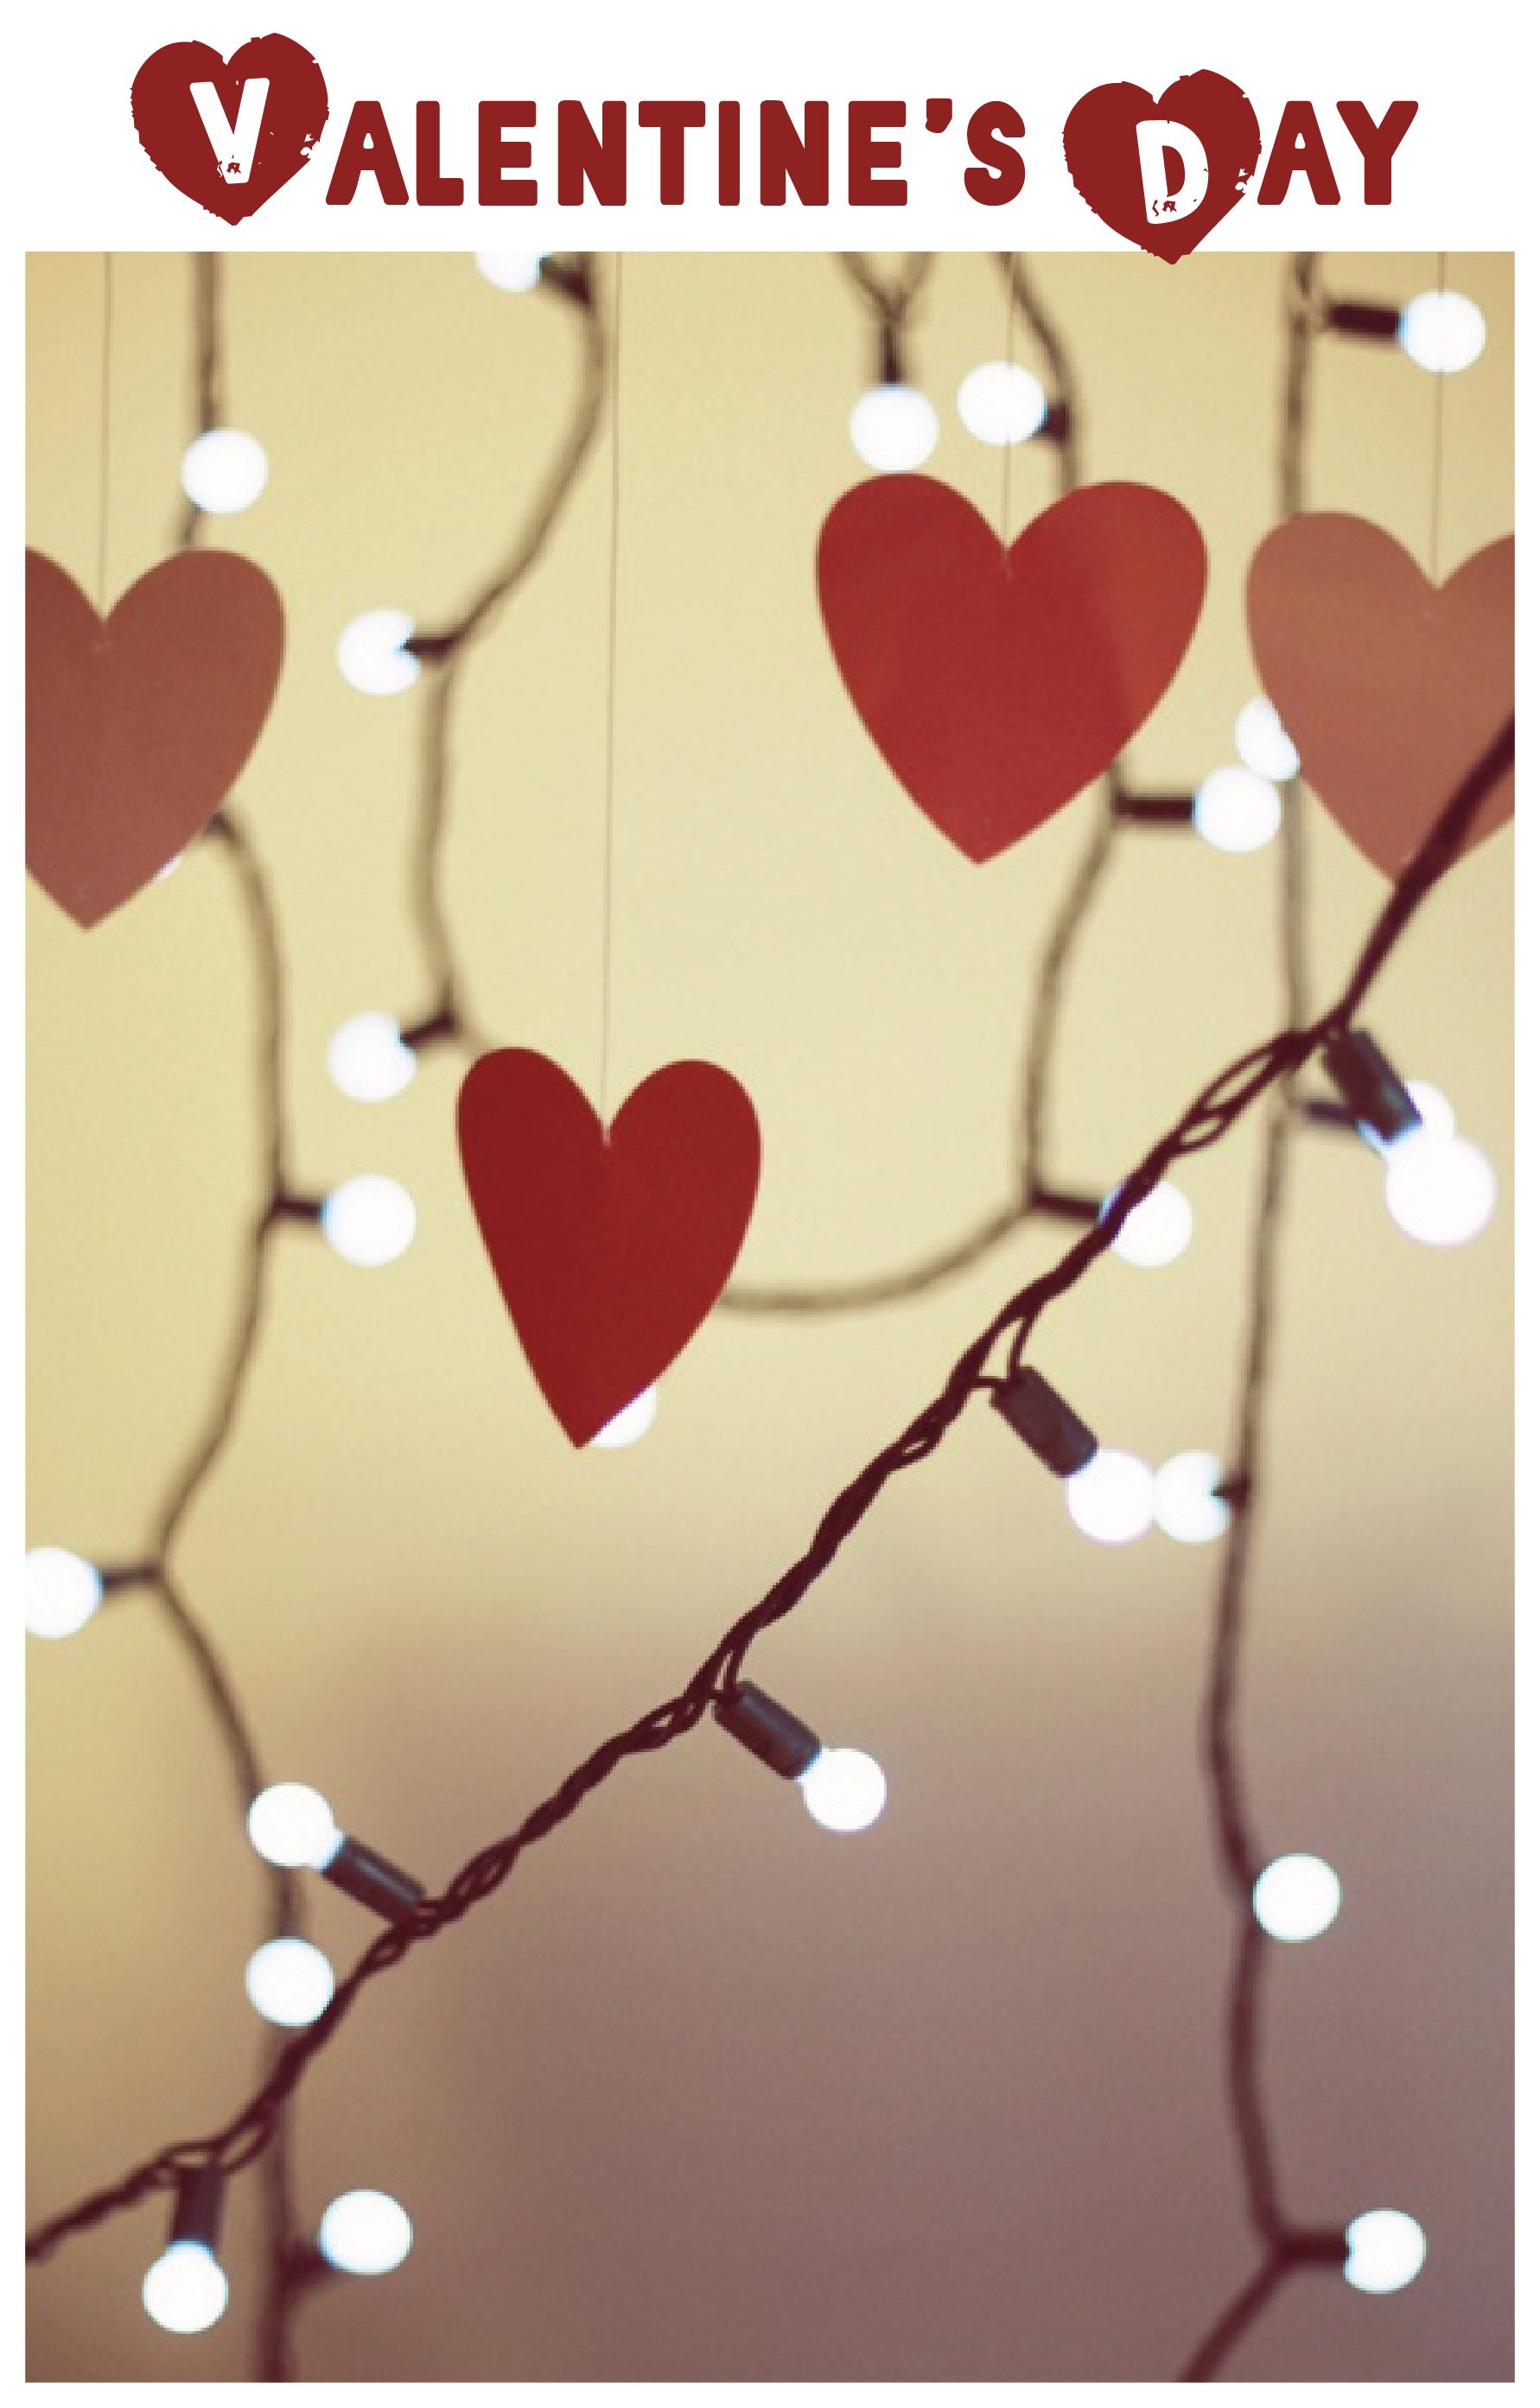 Em muitos países hoje é Valentine's Day, ou dia de São Valentim, data em que se comemora não só o amor entre namorados, como também a amizade. Por isso separamos algumas inspirações fáceis de fazer para agradar as pessoas que a gente ama, coisas que não precisam ser feitas apenas em datas especiais, mas sim em qualquer dia. Afinal, receber uma surpresa feita com carinho vai bem todo dia! ♥